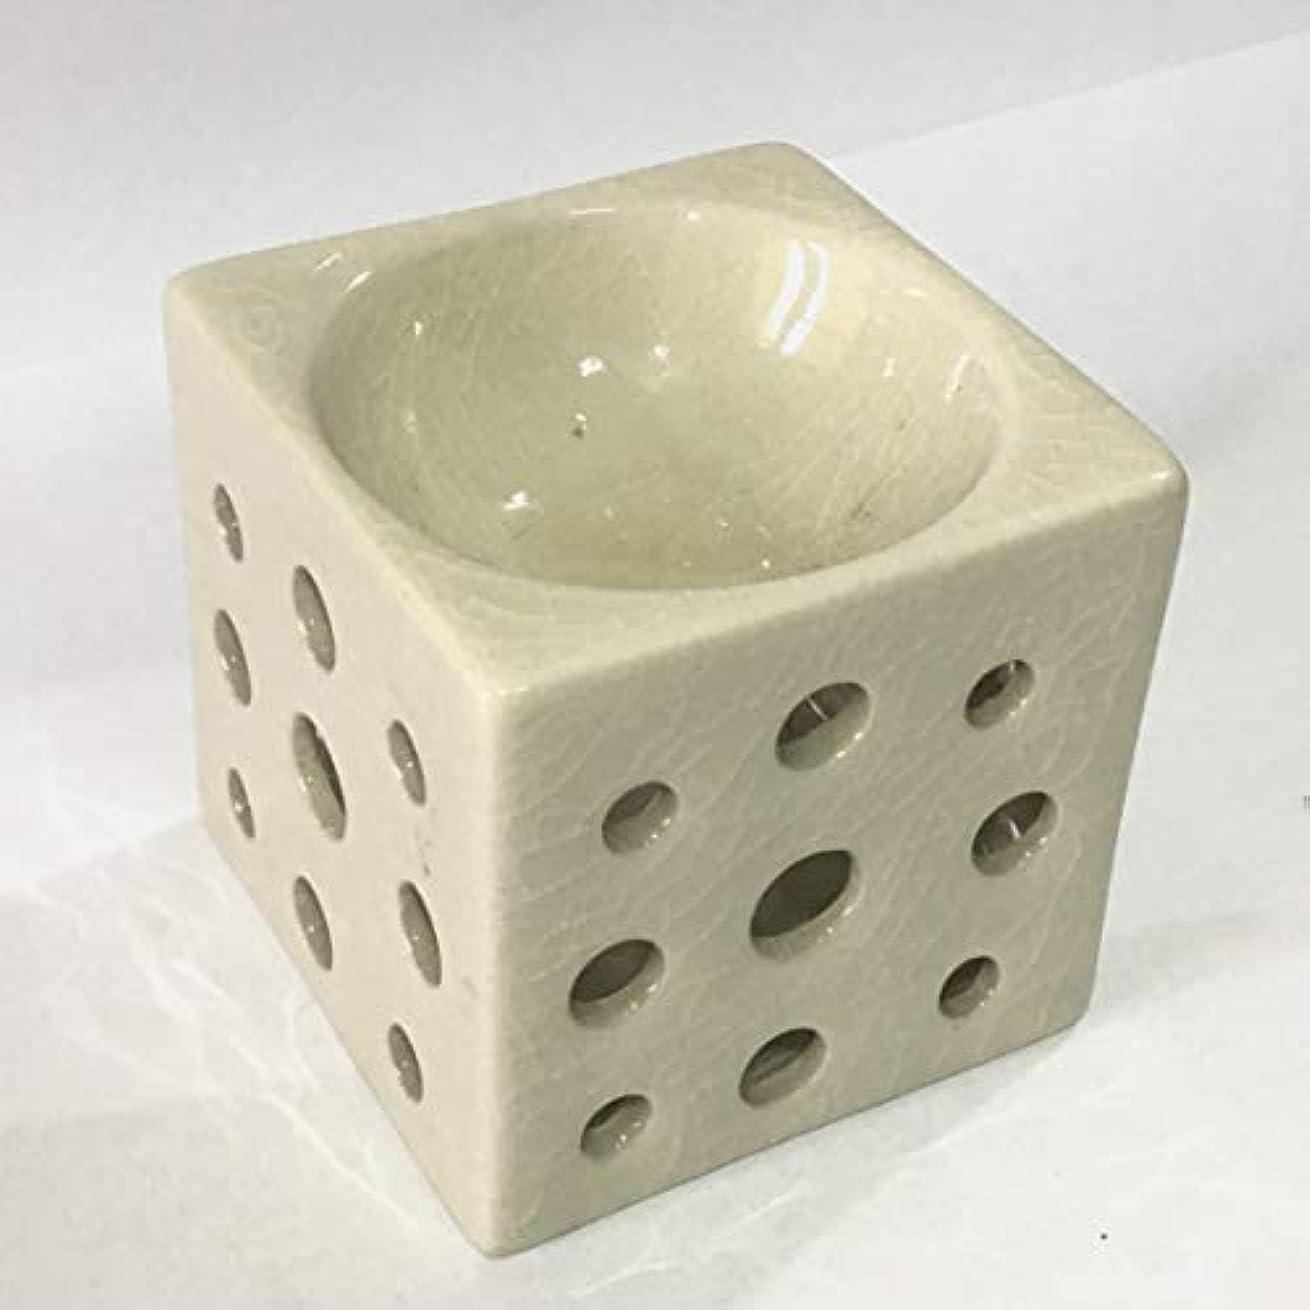 キャリア振り返る松の木アロマポット 角型(白) 香炉 陶器 アロマ炉 キャンドル式 オイルバーナー